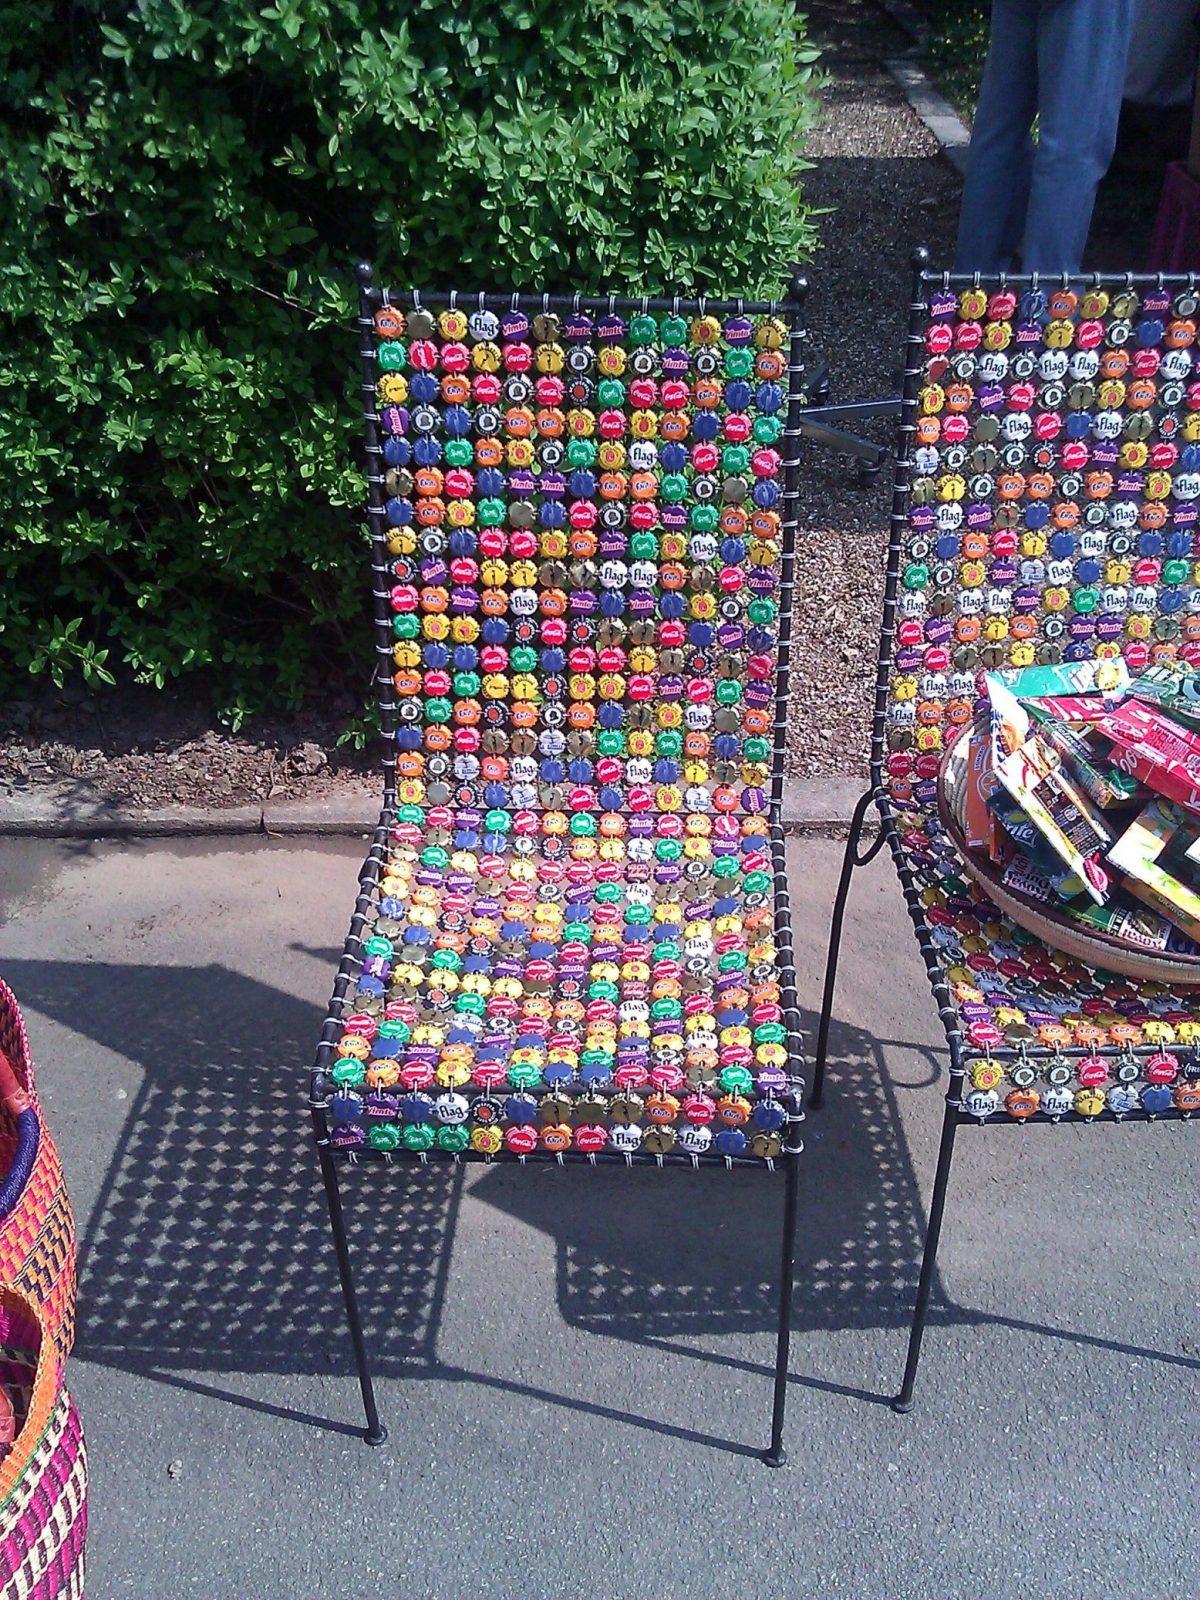 Stuhl Aus Kronkorken  Bottle Caps  Kronkorken Korken Und Basteln von Recycling Ideen Selber Machen Photo